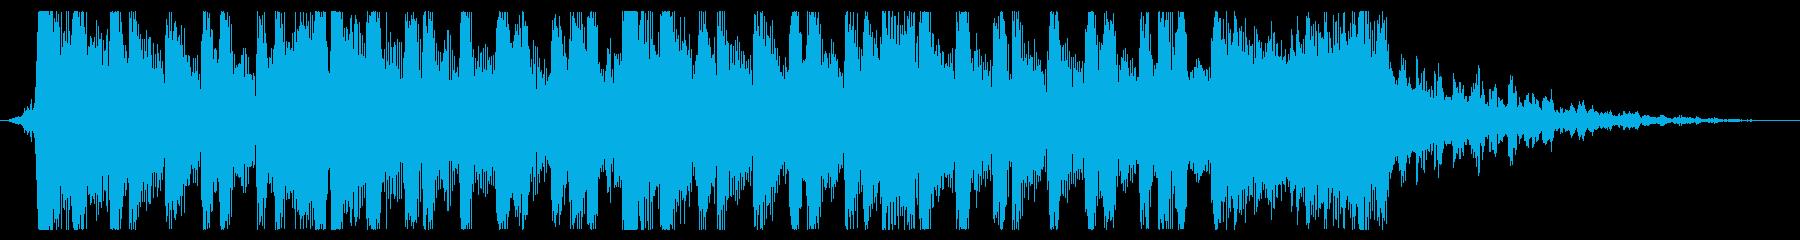 重いデジタルロック風サウンドロゴの再生済みの波形